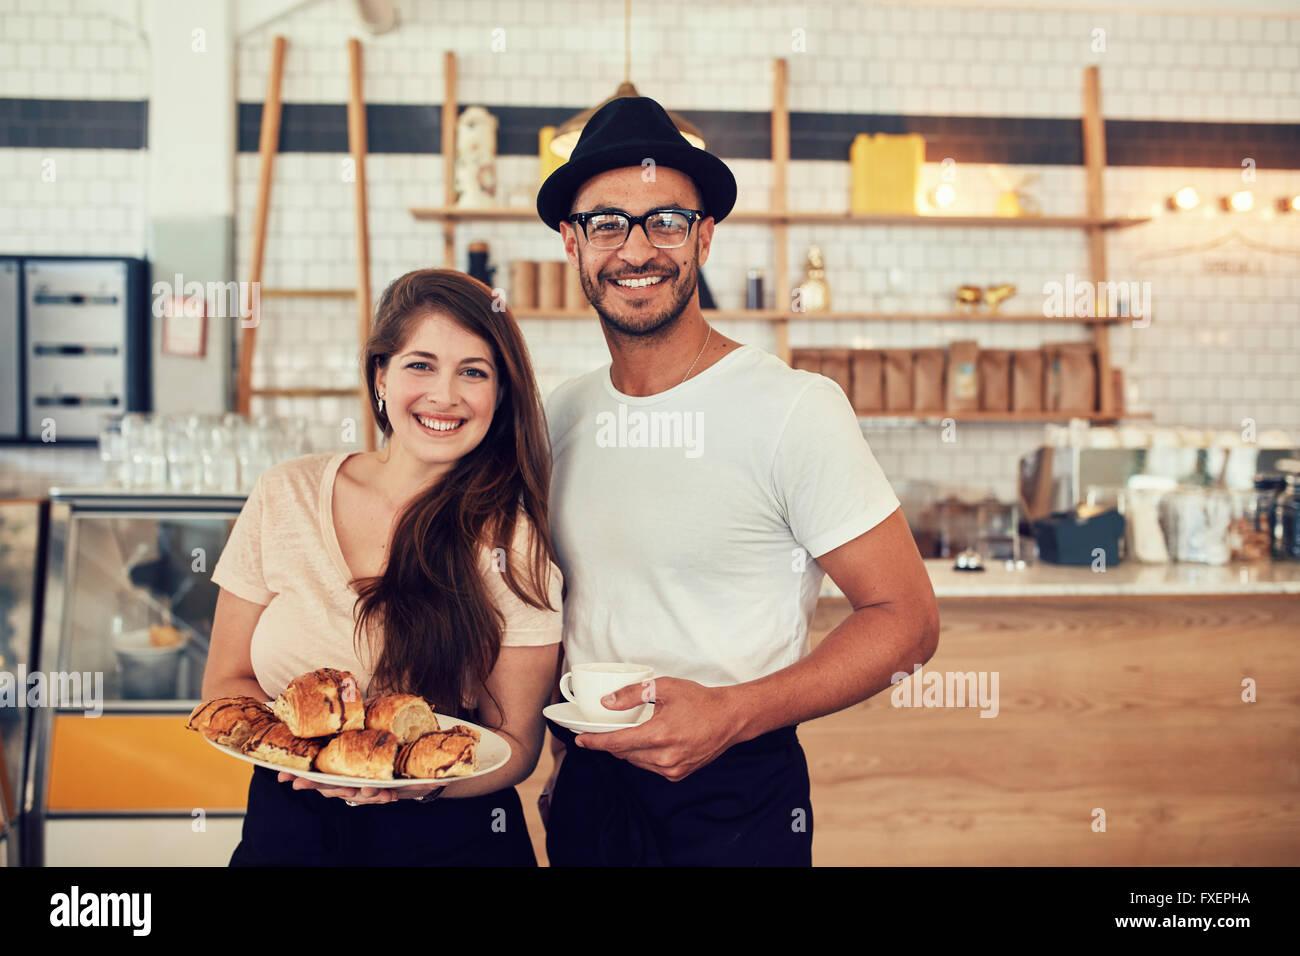 Portrait of happy young man and woman avec de la nourriture et un café au café. Couple ayant la nourriture Photo Stock